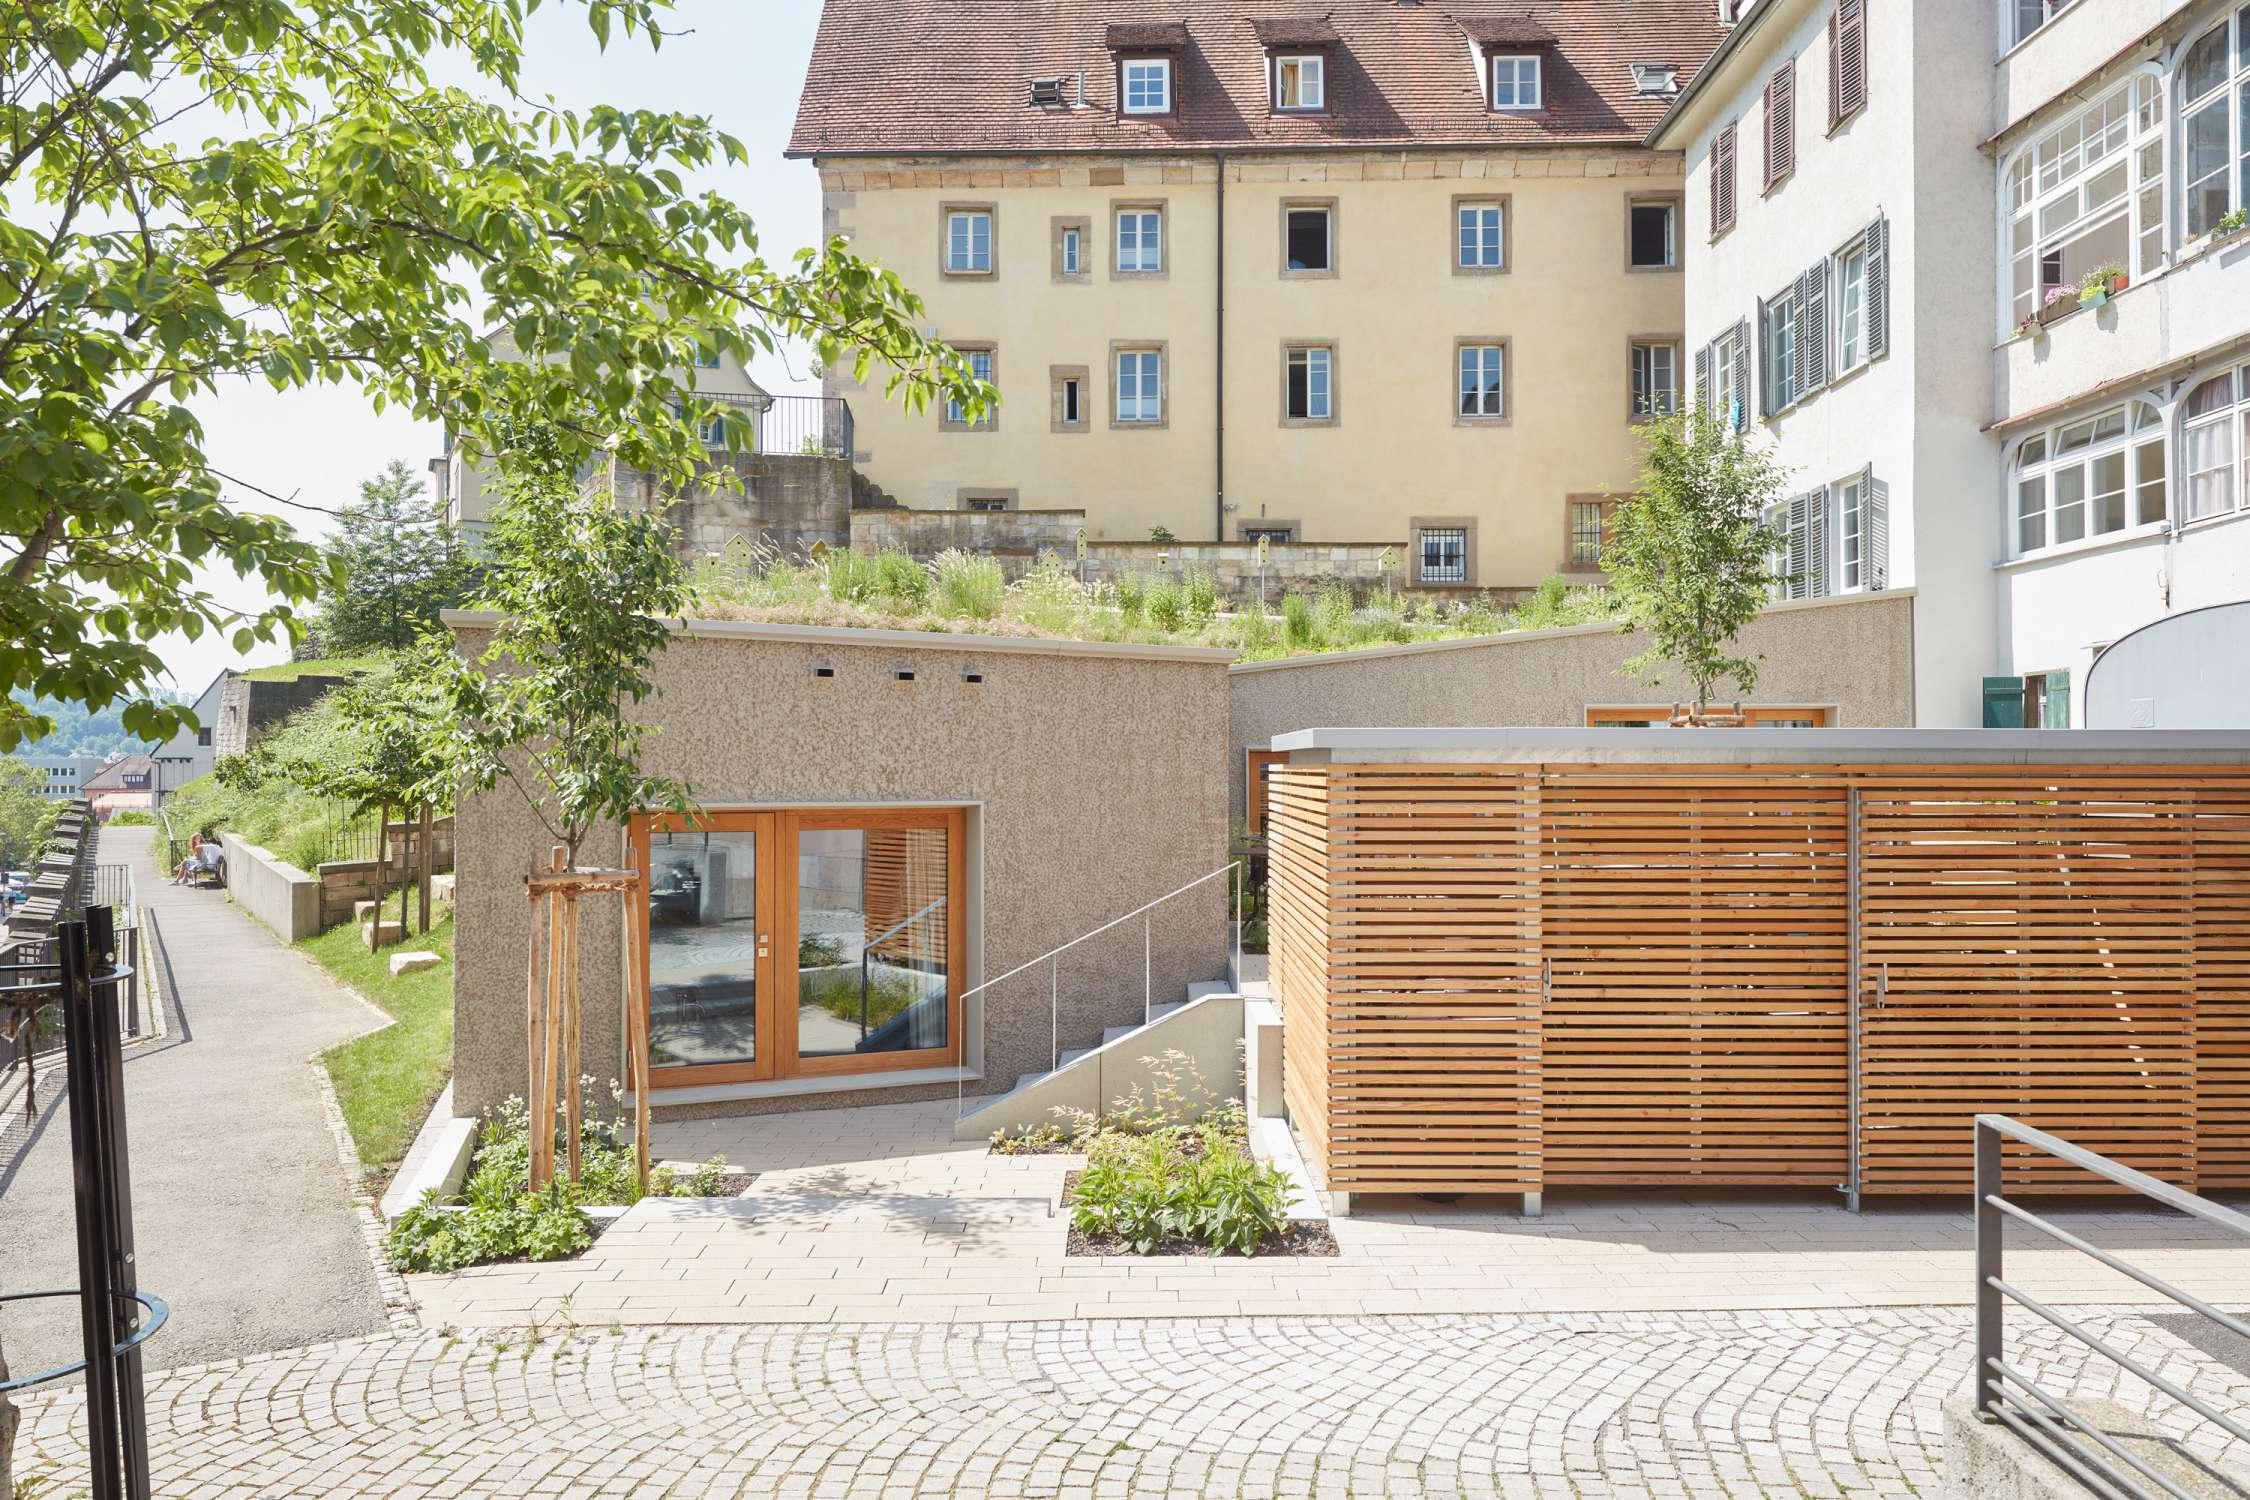 Umbau und Anbau Wohn- und Geschäftshaus (13)